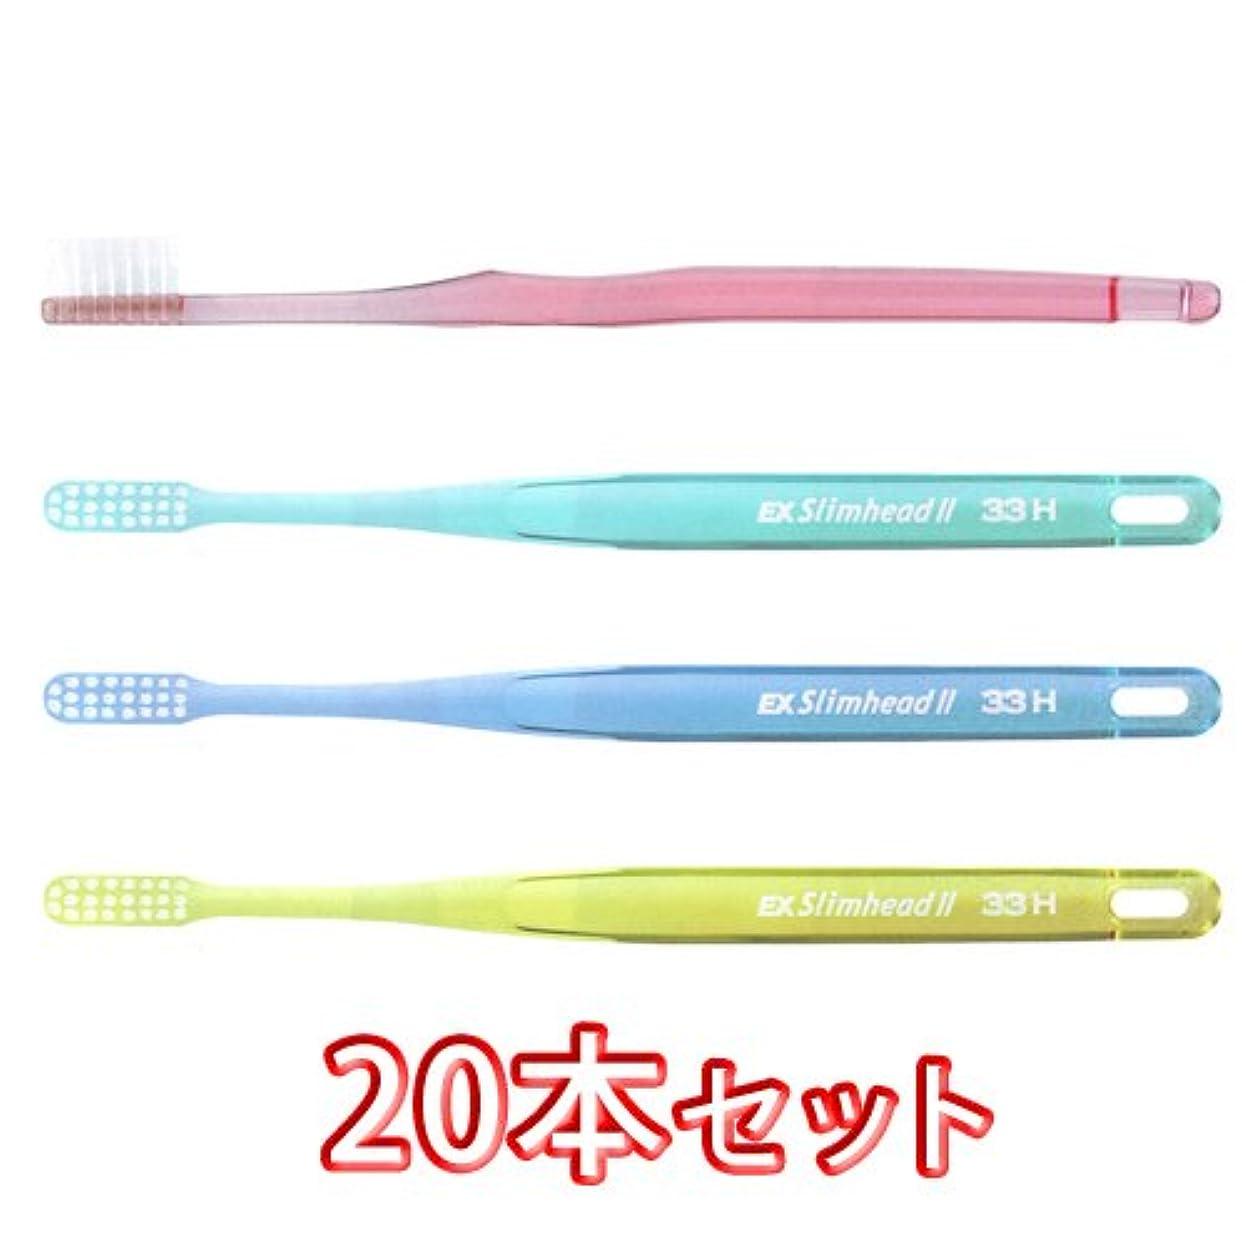 ライオン スリムヘッド2 歯ブラシ DENT . EX Slimhead2 20本入 (33H)